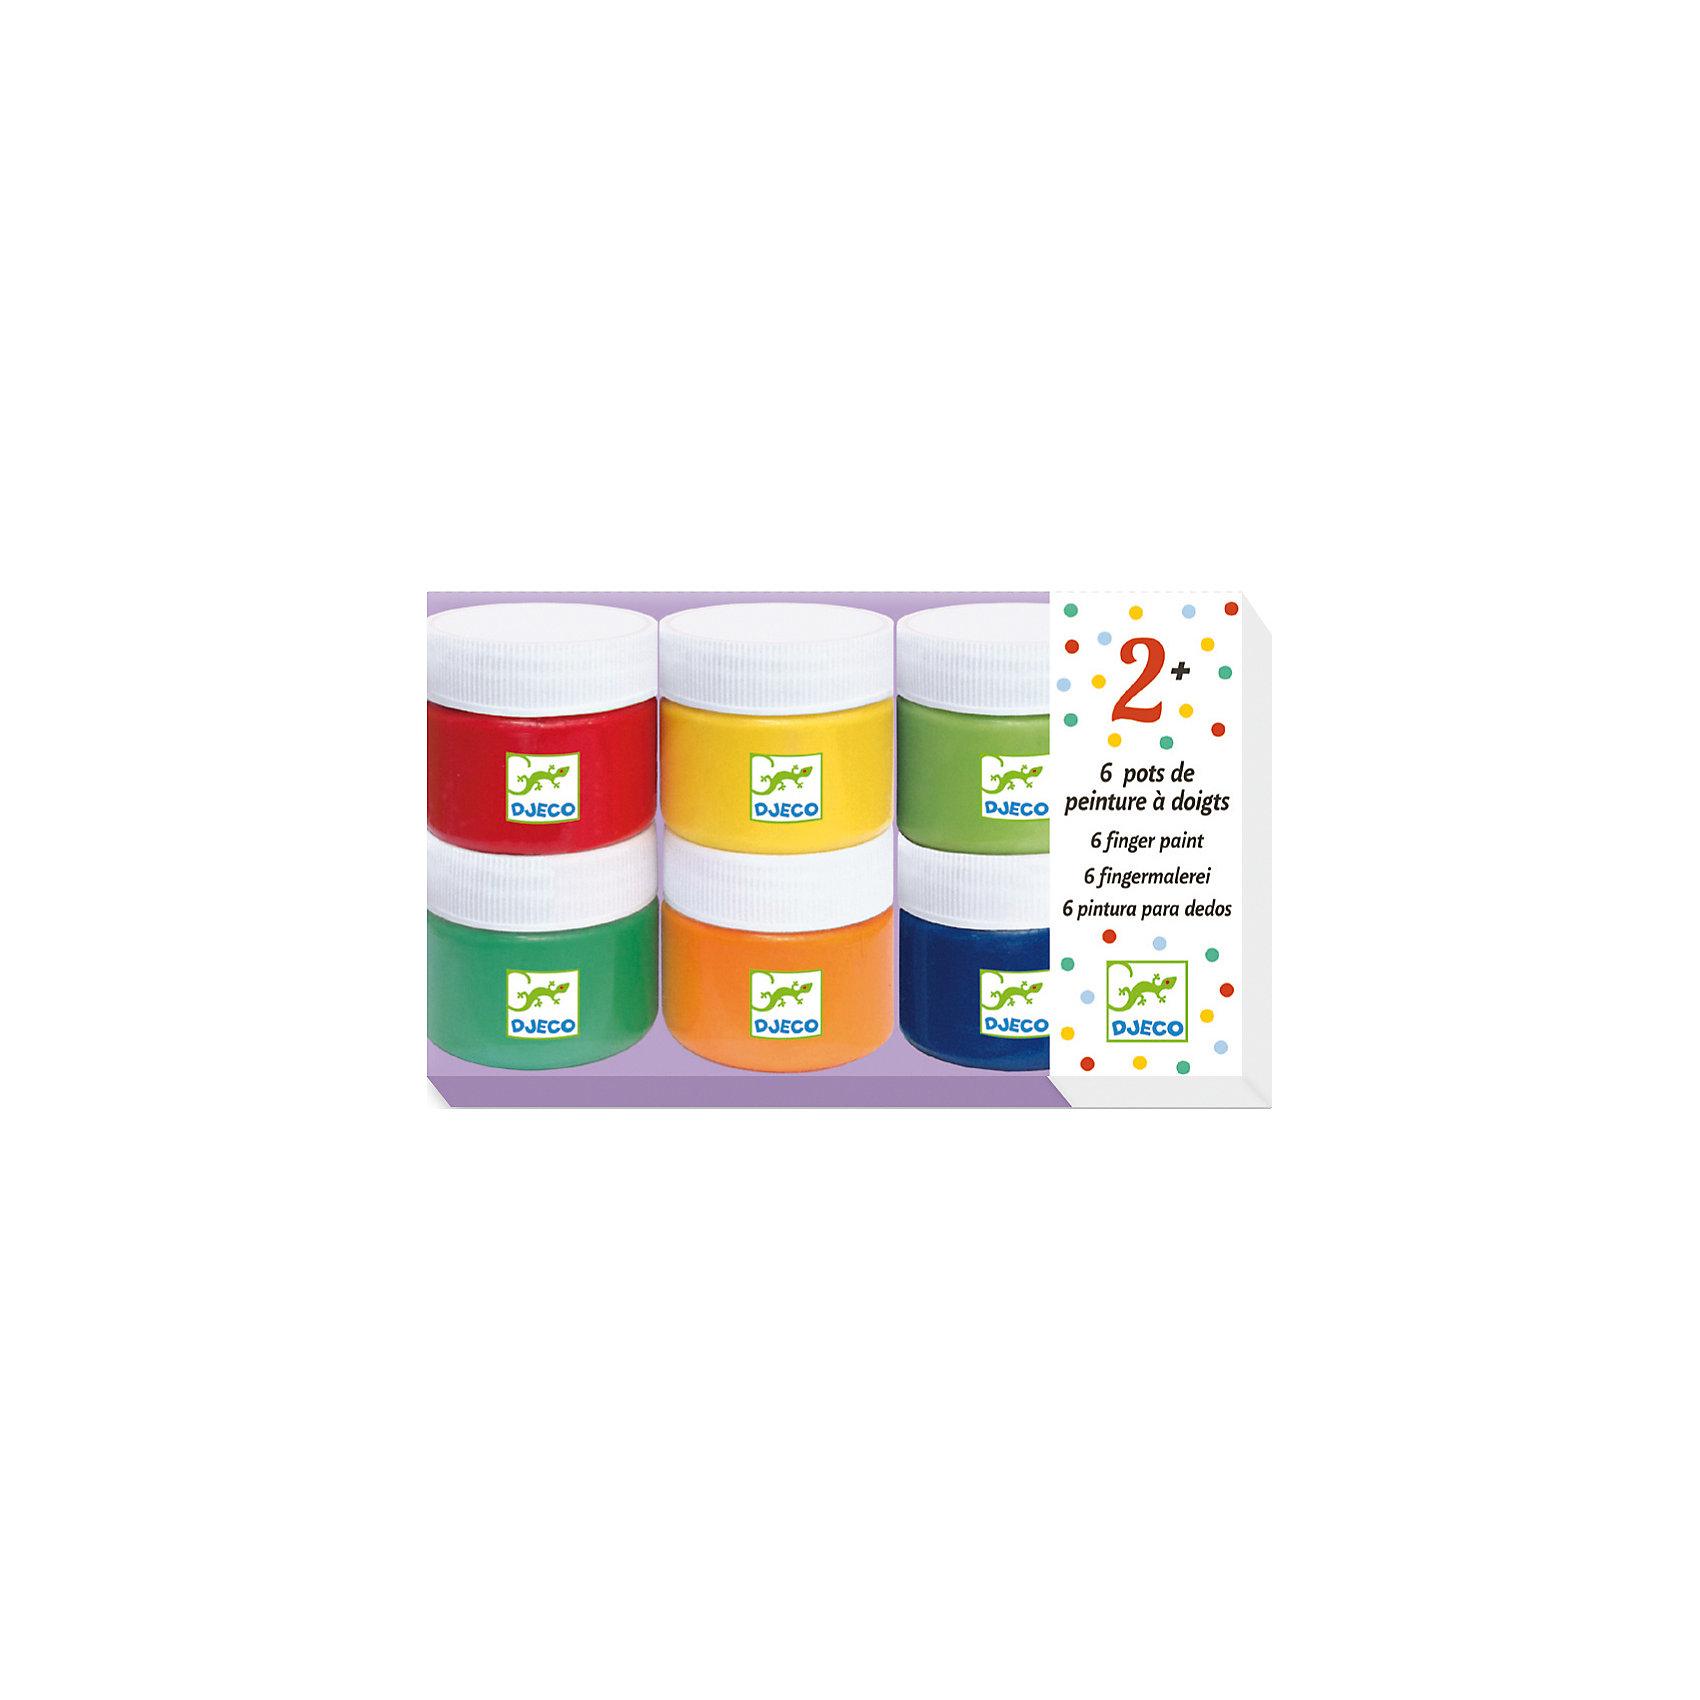 Набор пальчиковых красок (6 цветов), DJECOПальчиковые краски<br>Набор пальчиковых красок (6 цветов), DJECO (ДЖЕКО) - это первое знакомство малыша с рисованием.<br>Пальчиковые краски – это великолепная возможность творить без всяких кисточек и карандашей. Яркие краски, легко наносятся на бумагу, а главное – в них можно залезть прямо руками и вдохновенно малевать свои первые шедевры пальцами. Краски упакованы в удобные баночки с закручивающимися крышечками, они состоят из натуральных ингредиентов, не токсичны, полностью безопасны для малышей! Краски легко смываются, поэтому не стоит бояться за одежду и мебель. Рисование пальцами положительно влияет на эмоциональное состояние, развивает творческие способности.<br><br>Дополнительная информация:<br><br>- В наборе: 6 баночек с красками (75 мл)<br>- Цвета: красный, оранжевый, желтый, синий, зеленый, салатовый<br>- Размер упаковки: 7 х 19 х 12 см.<br>- Вес: 850 гр.<br><br>Набор пальчиковых красок (6 цветов), DJECO (ДЖЕКО) можно купить в нашем интернет-магазине.<br><br>Ширина мм: 70<br>Глубина мм: 190<br>Высота мм: 120<br>Вес г: 850<br>Возраст от месяцев: 24<br>Возраст до месяцев: 72<br>Пол: Унисекс<br>Возраст: Детский<br>SKU: 4305759